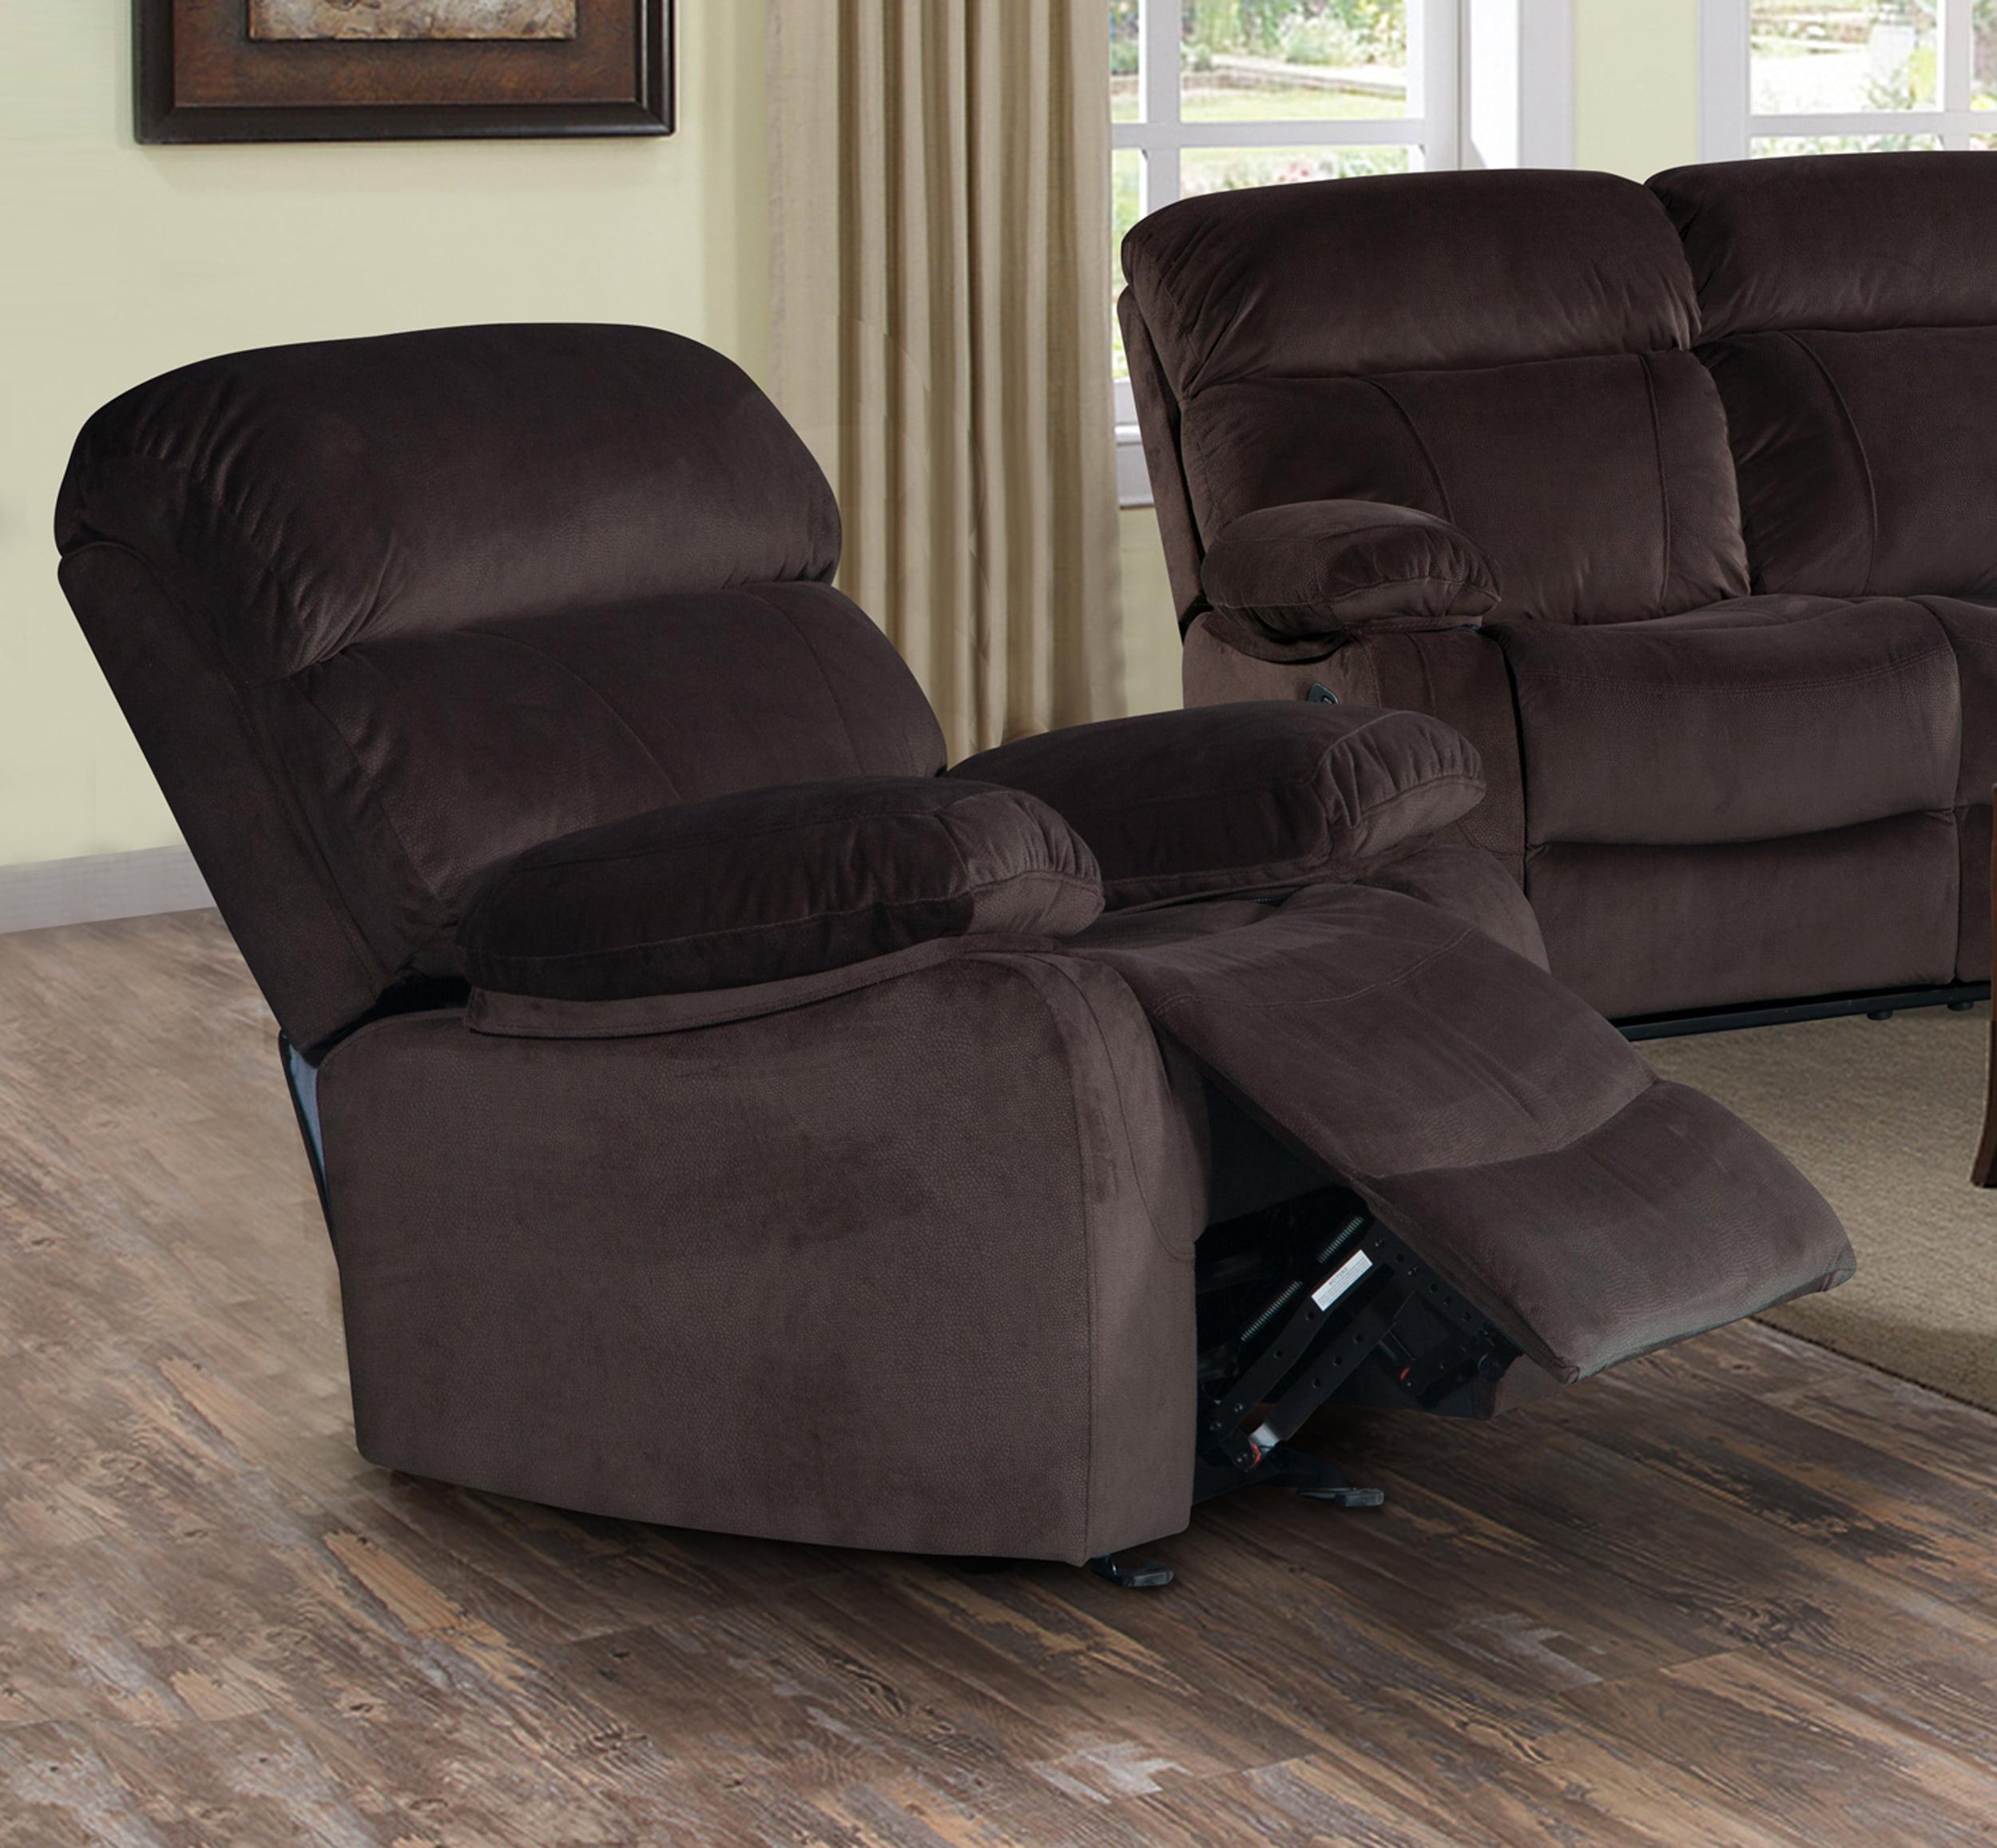 Izabella Dark Chocolate Corduroy Rocking Reclining Chair by Supplier Generic